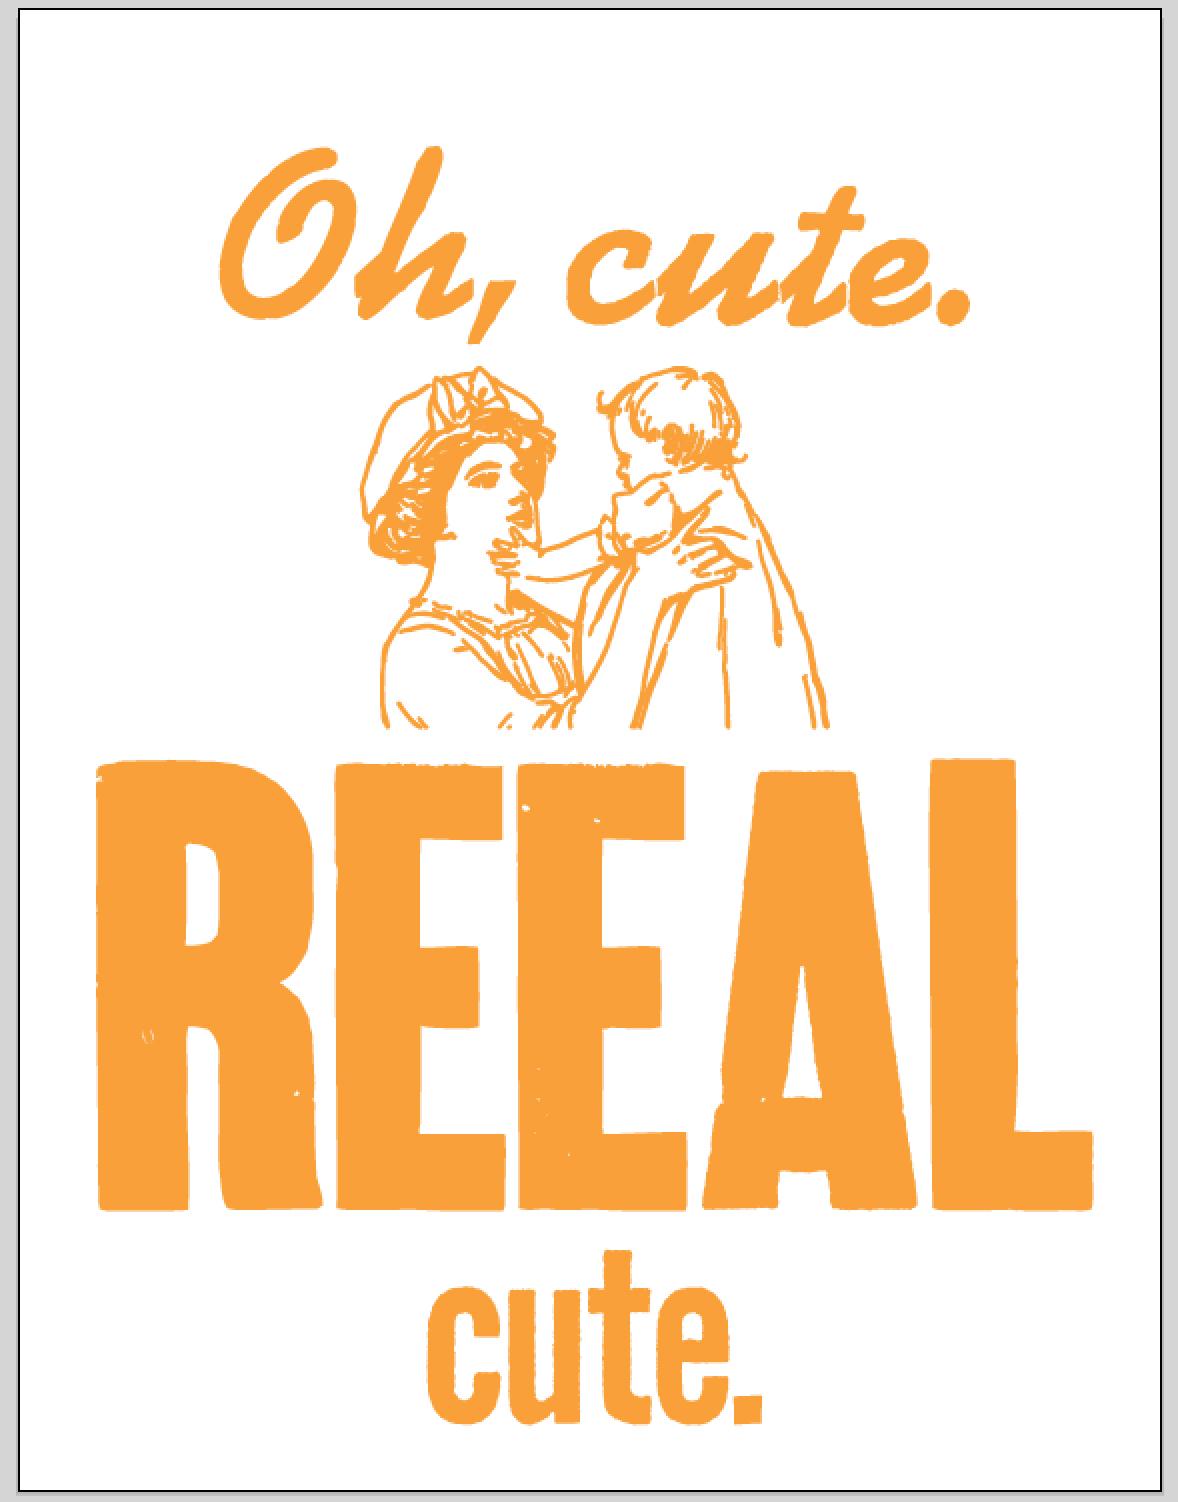 oh cute reeal cute